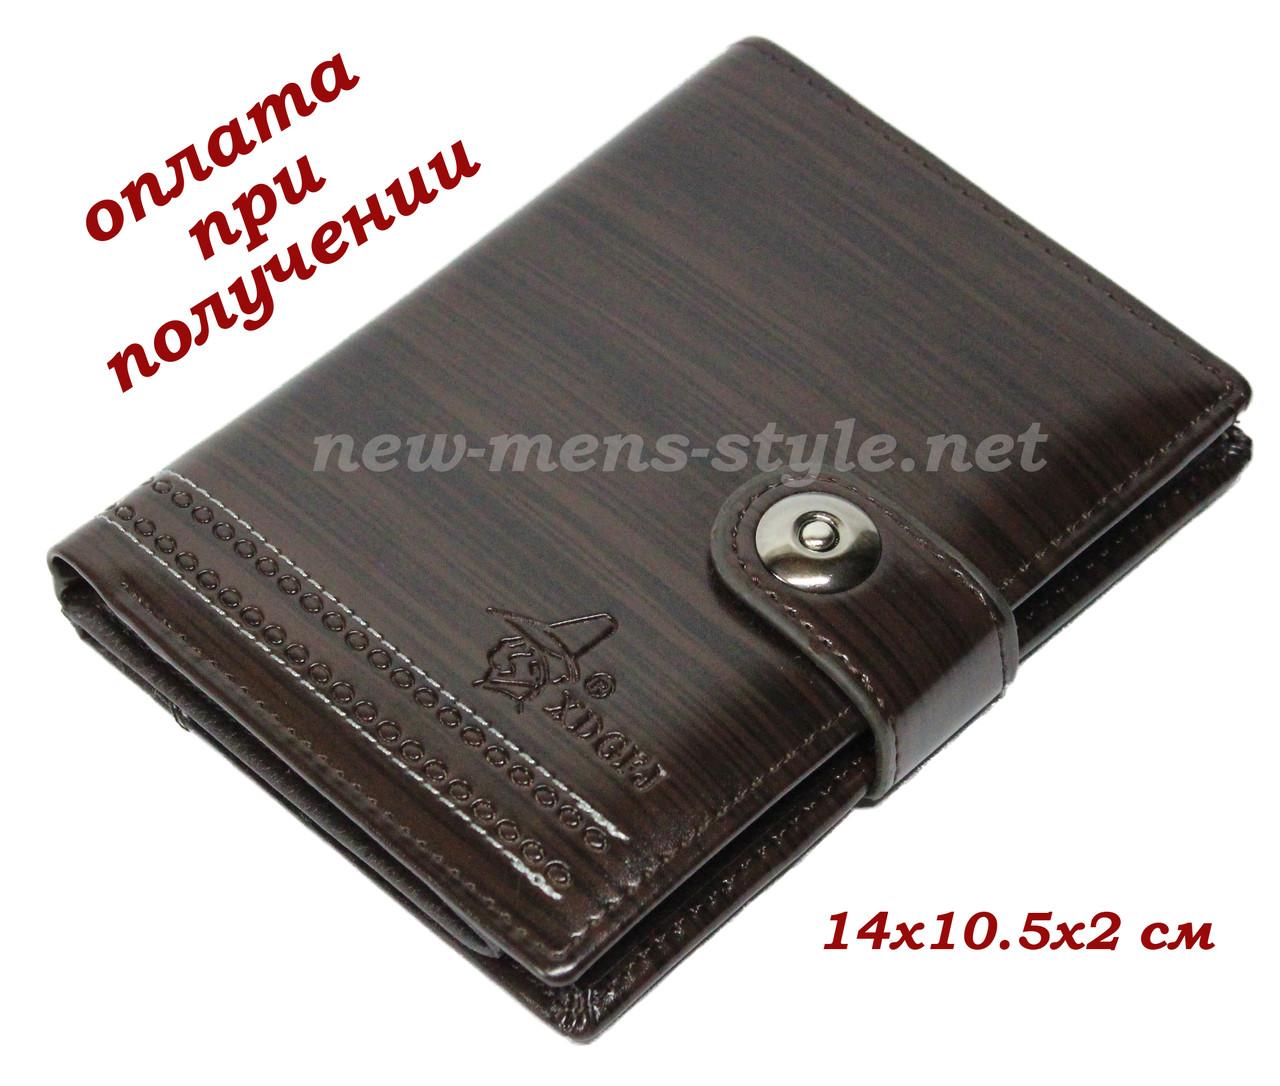 Мужской кожаный кошелек портмоне бумажник обложка на паспорт коричневый